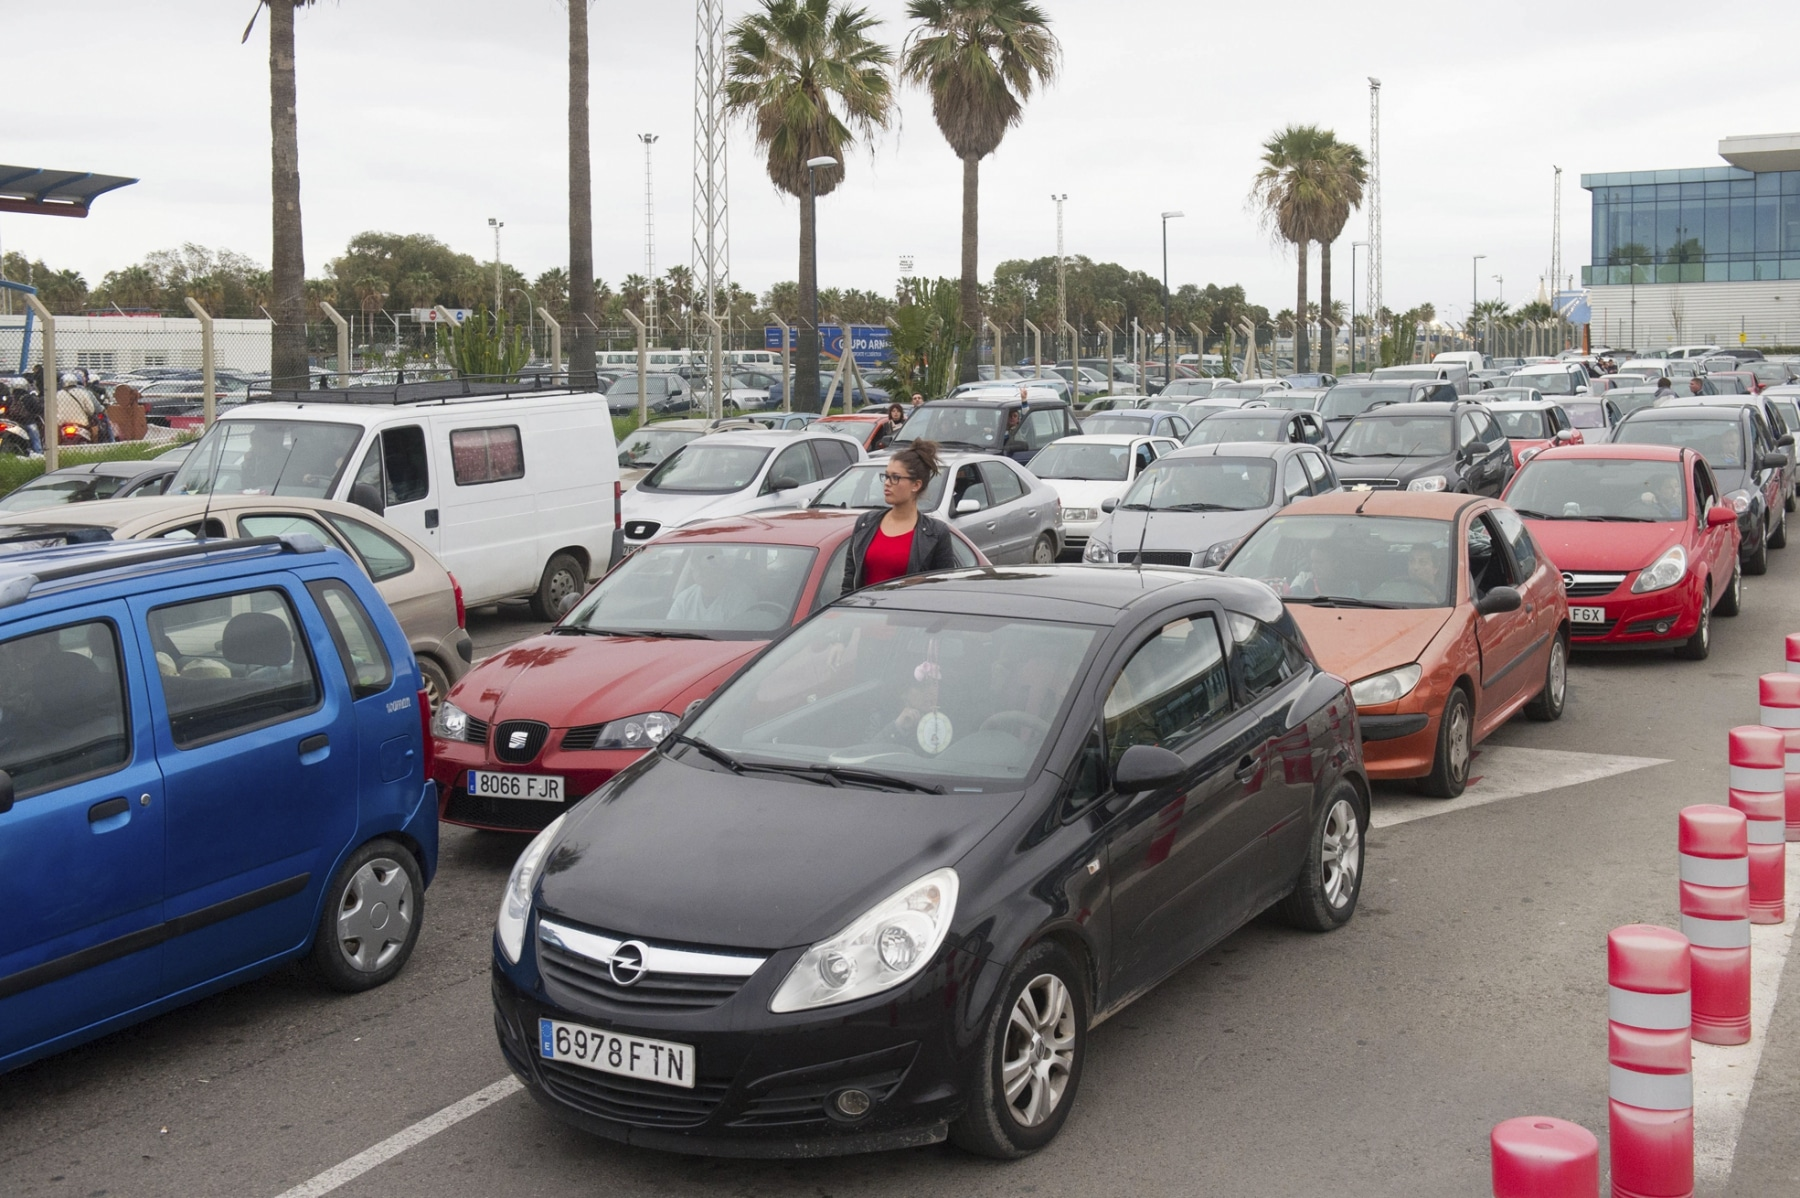 colas-coches-gibraltar-febrero-2014-4_12614404513_o